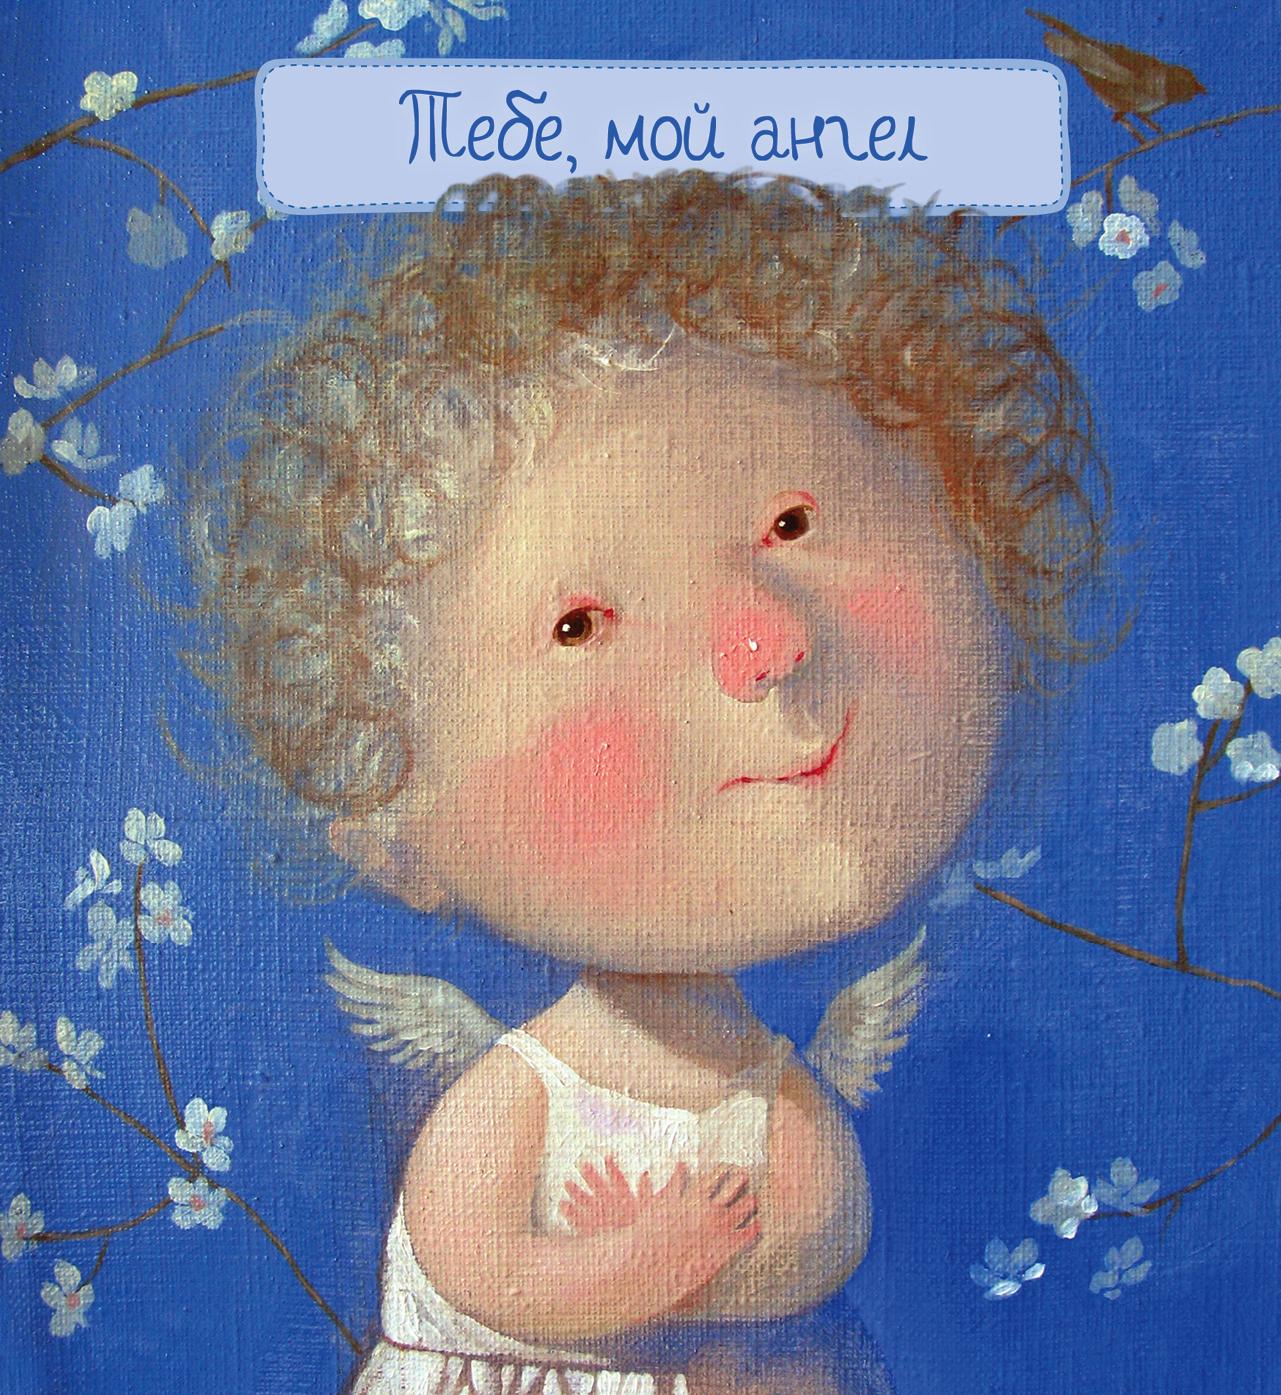 Тебе, мой ангел евгения гапчинская 15 открыток на перфорации с картинами евгении гапчинской я и мой друг девочка